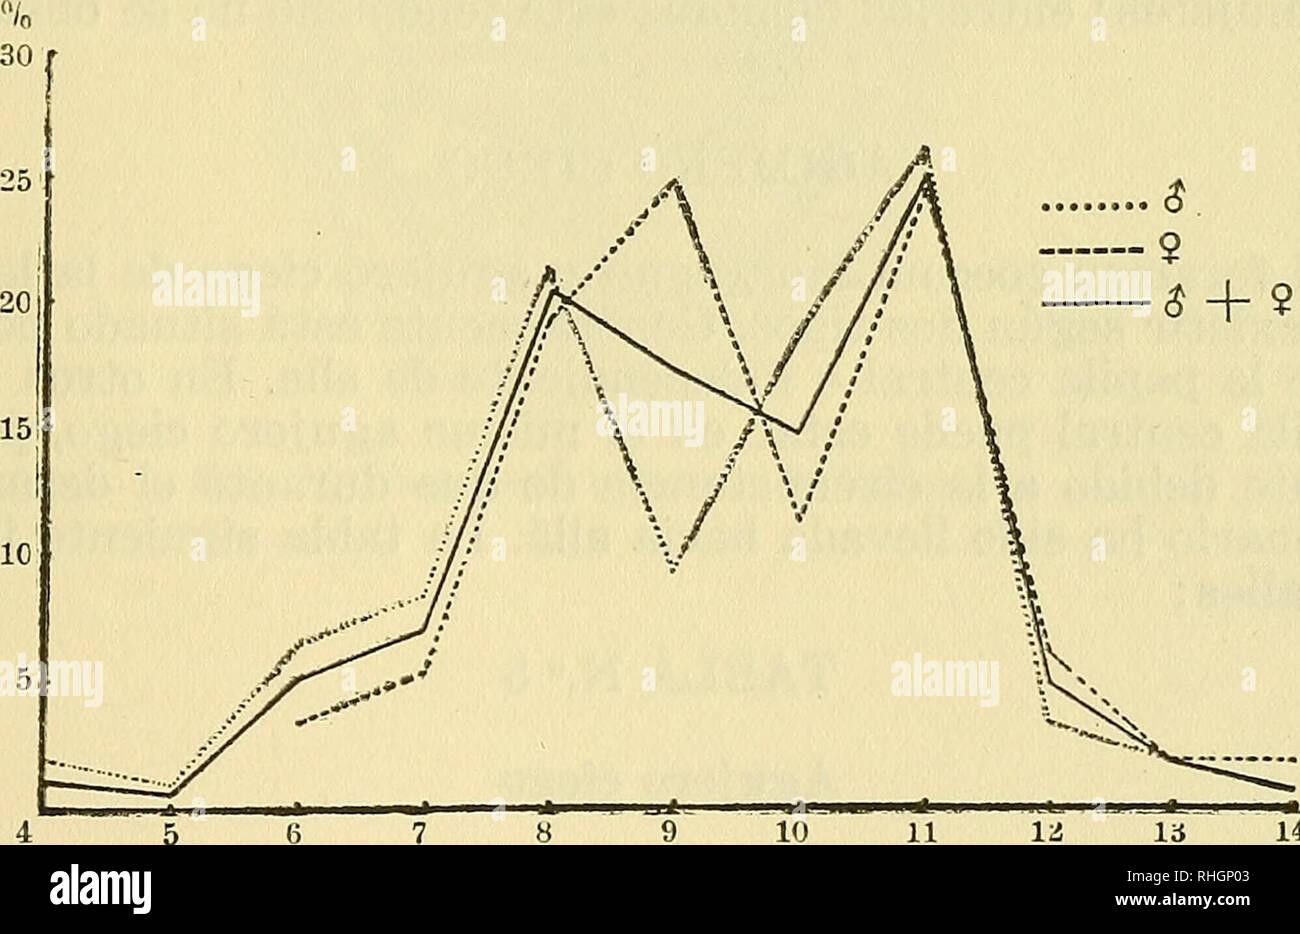 . Boletin de la Sociedad de Biología de Concepción. Sociedad de Biología de Concepción; Biology; Biology. TABLA N.° 3 Papilas caliciformes Número Hombres Mujeres Total ipilas n = 105 n = 112 n = 217 4 2 = 1,9% 2 = 0,9% ^x 5 1 .= 1,0% 1 = 0,5% tJ 6 7 = 6,6% 4 = 3,6% 11 = 5,1% 7 9 = 8,5% 6 = 5,4% 15 = 6,9% 8 22 t= 21,6% 22 = 19,5% 44 = 20,7% 9 10 = 9,4% 28 == 25,0% 38 = 17,4% 10 20 = 19,0% 13 = 11,6% 33 = 15,1% 11 28 = 26.4% 28 = 25,0% 56 = 25,6% 12 4 ^ 3,7% 7 = 6,3% 11 = 5,1% 13 2 = 1,9% 2 = 1,8% 4 = 1,8% 14 2 = 1,8% 2 = 0,9% Los polígonos de frecuencia (véase fig. N.° 4) son bastante irregular - Stock Image